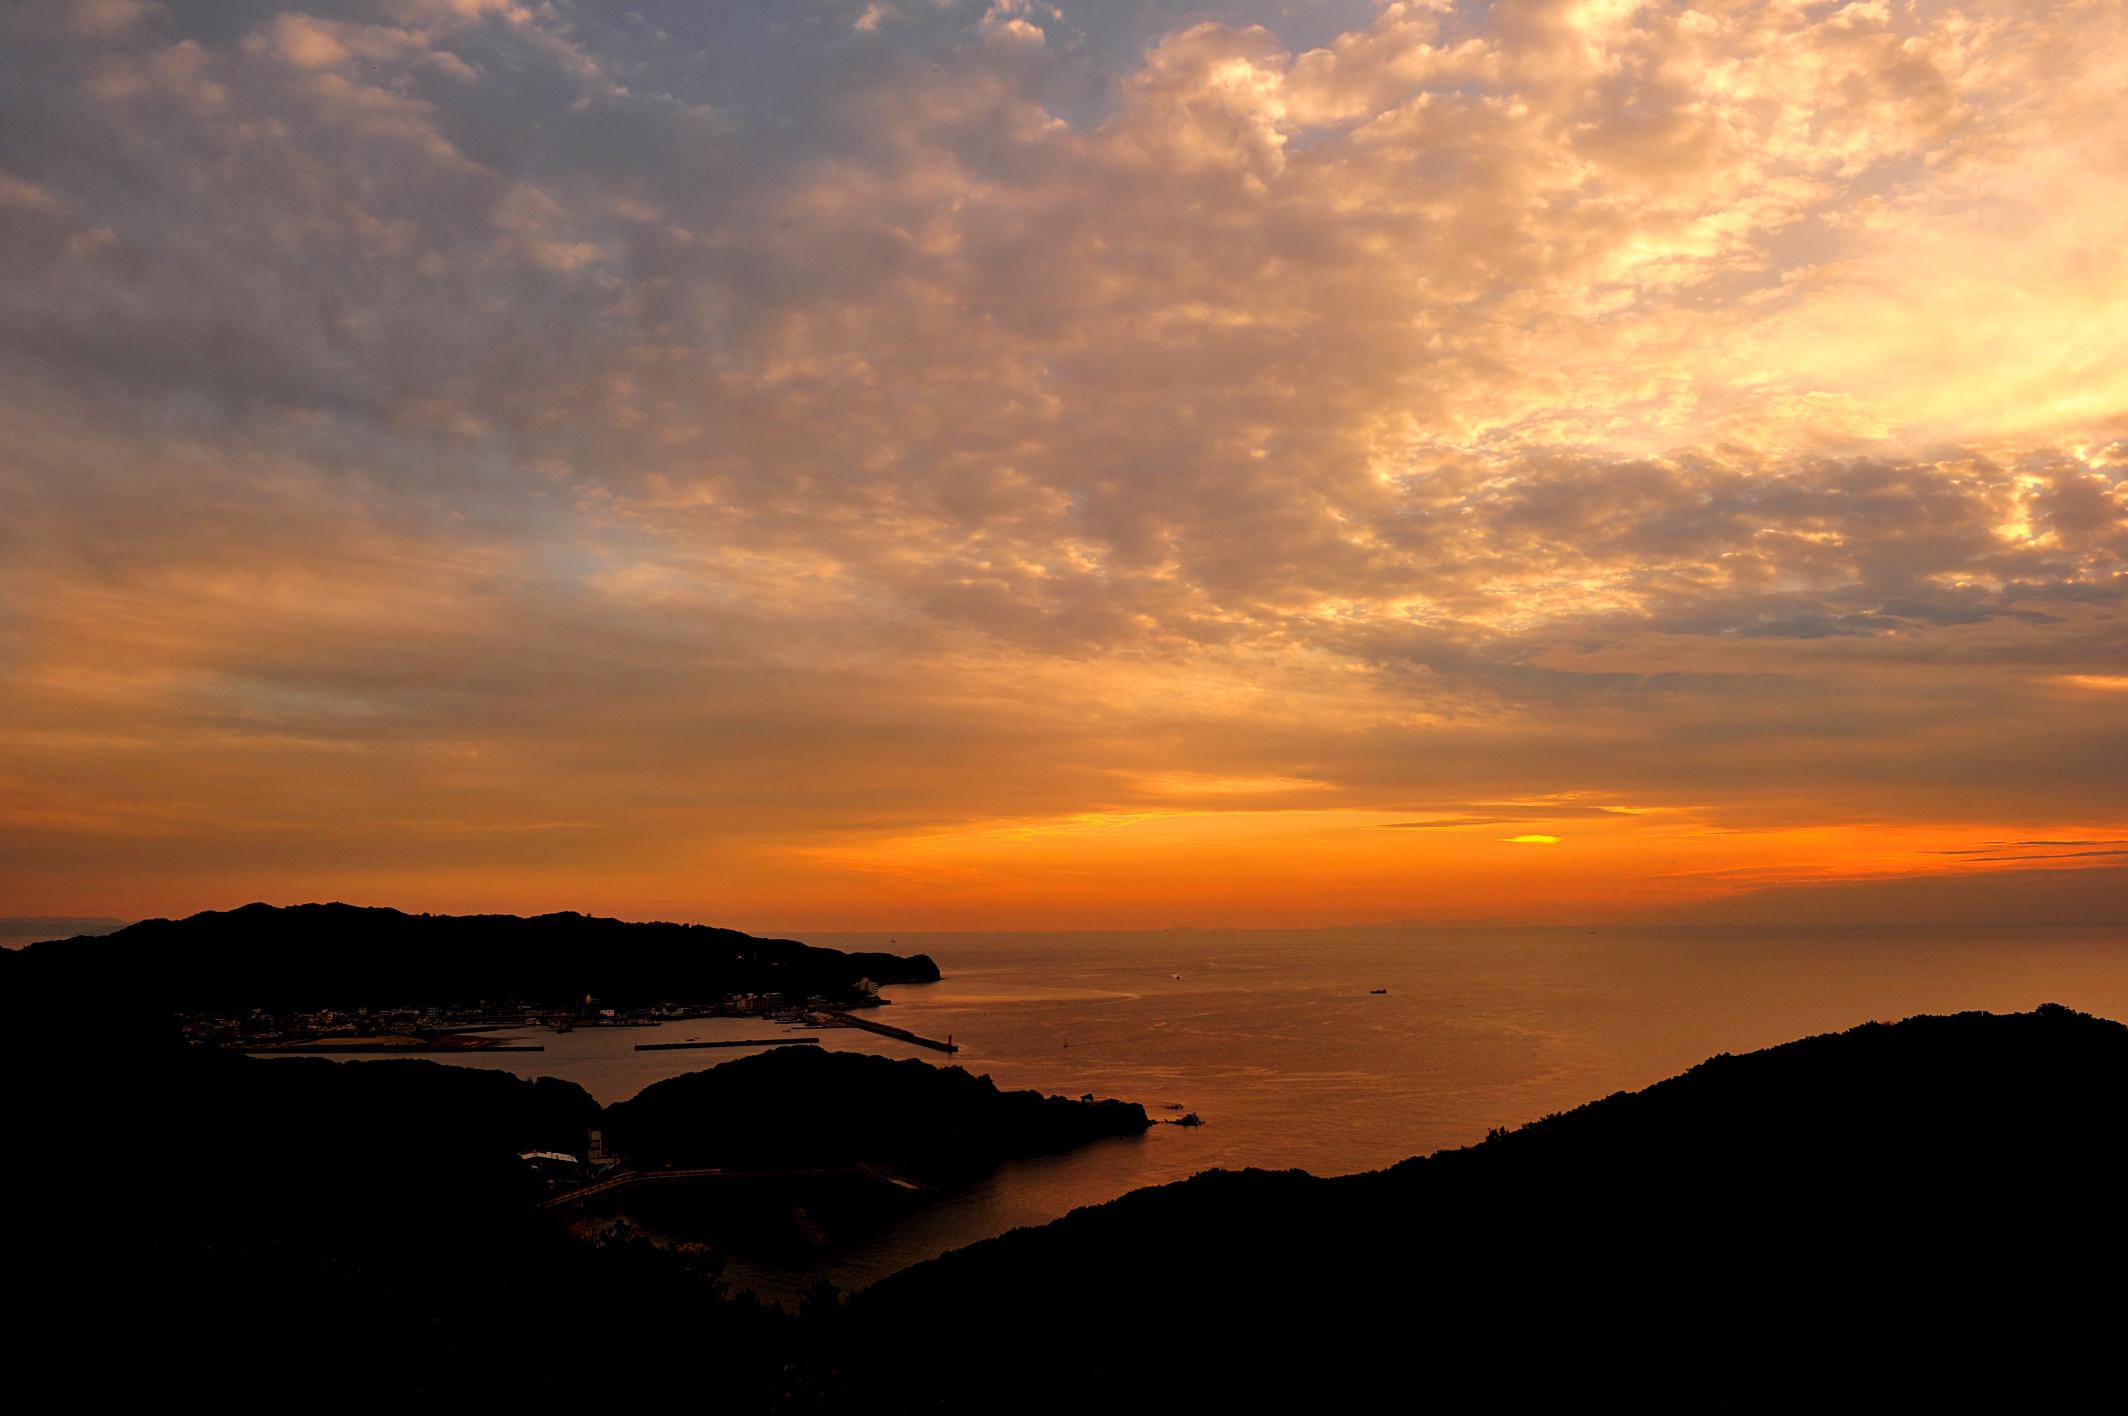 和歌山 加太の観光おすすめスポット10選!絶景・神社・砲台跡など